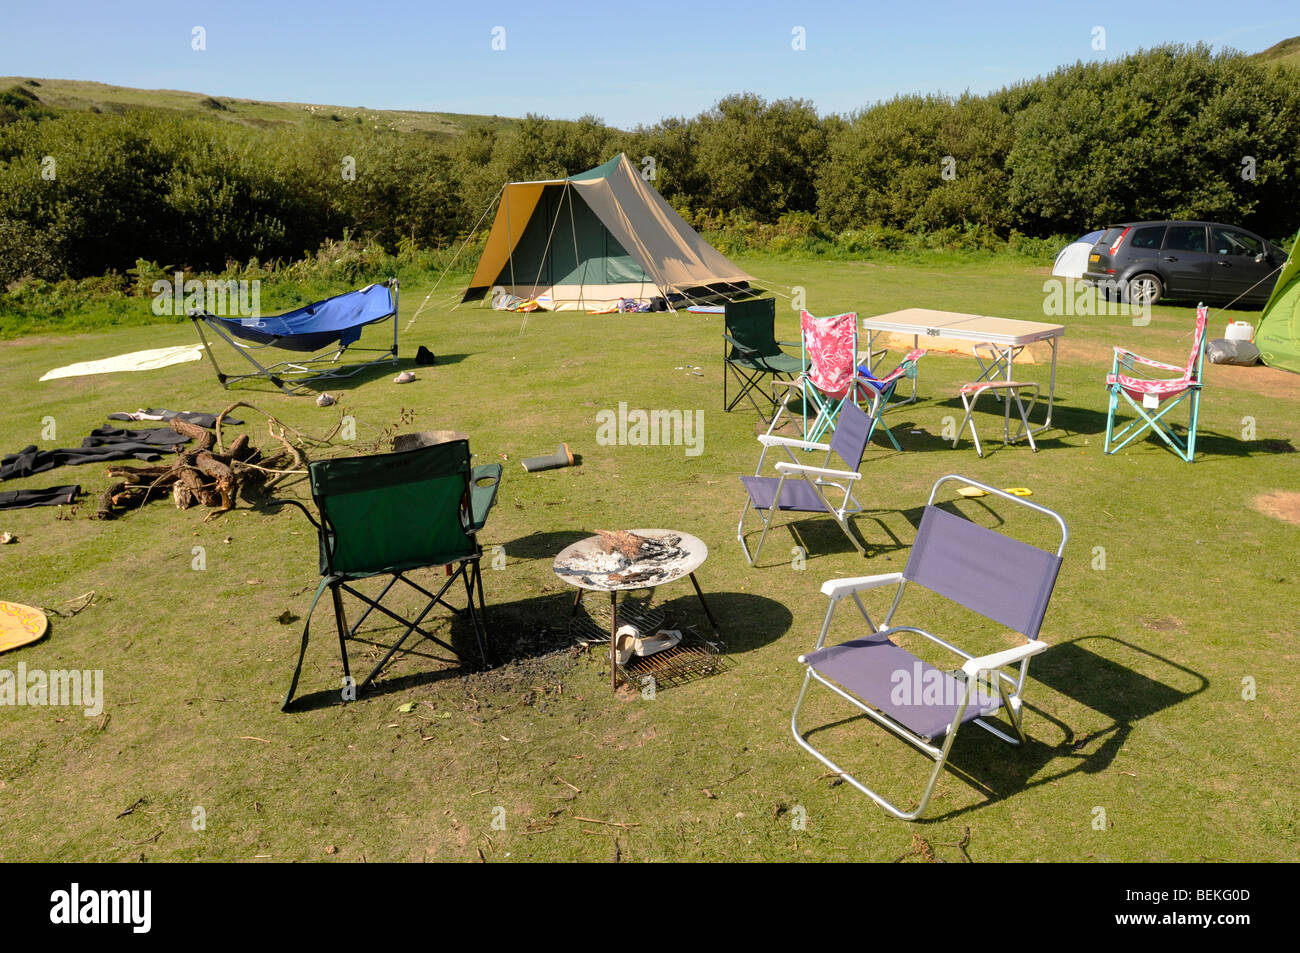 A deserted campsite scene - Stock Image